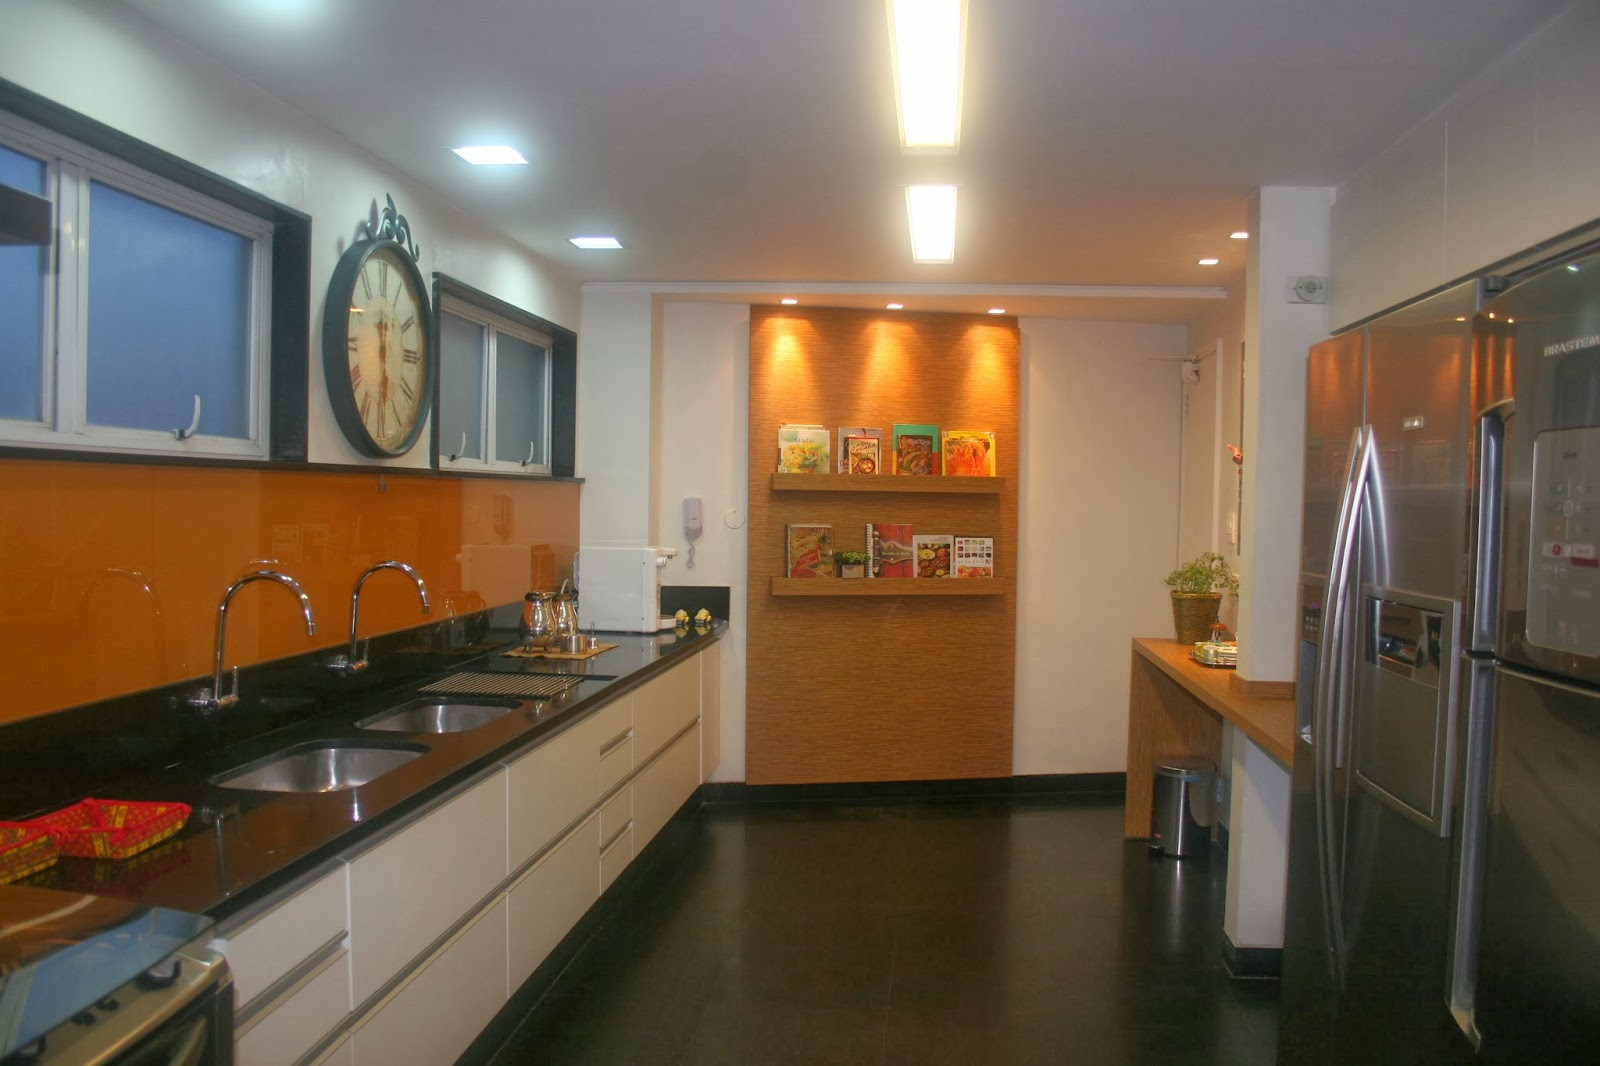 Cozinha Ipanema Liana Figueirinha